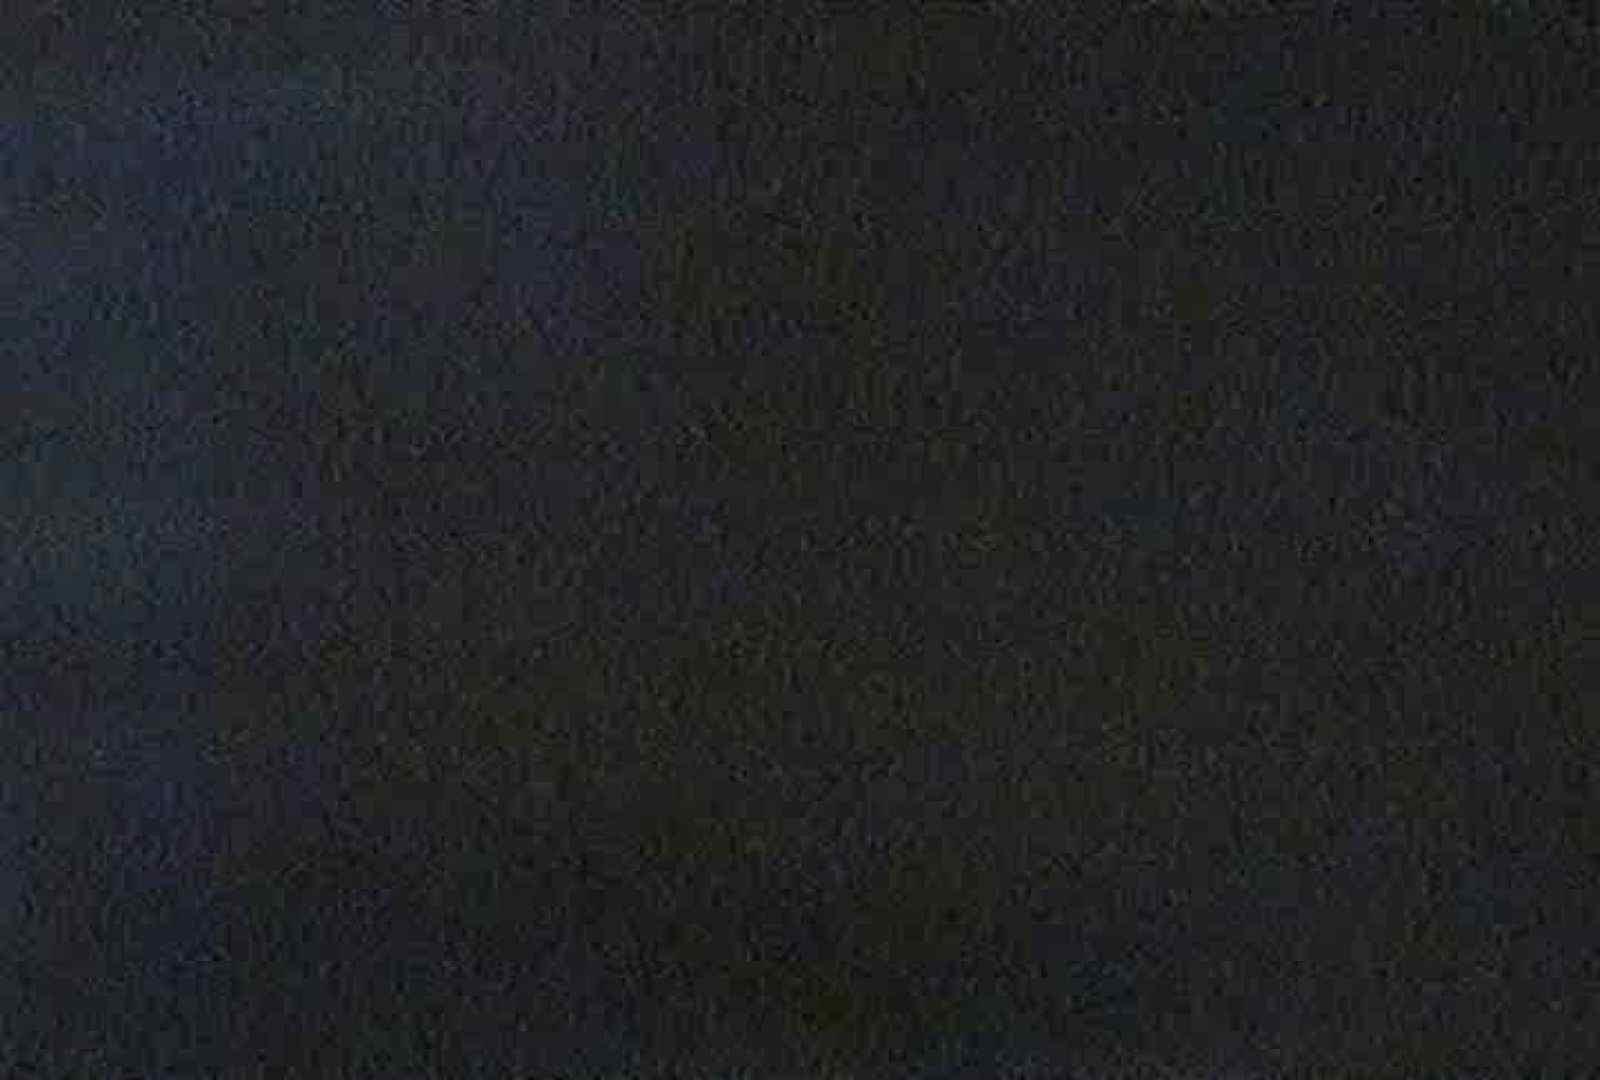 充血監督の深夜の運動会Vol.92 車の中のカップル 盗撮動画紹介 82画像 46